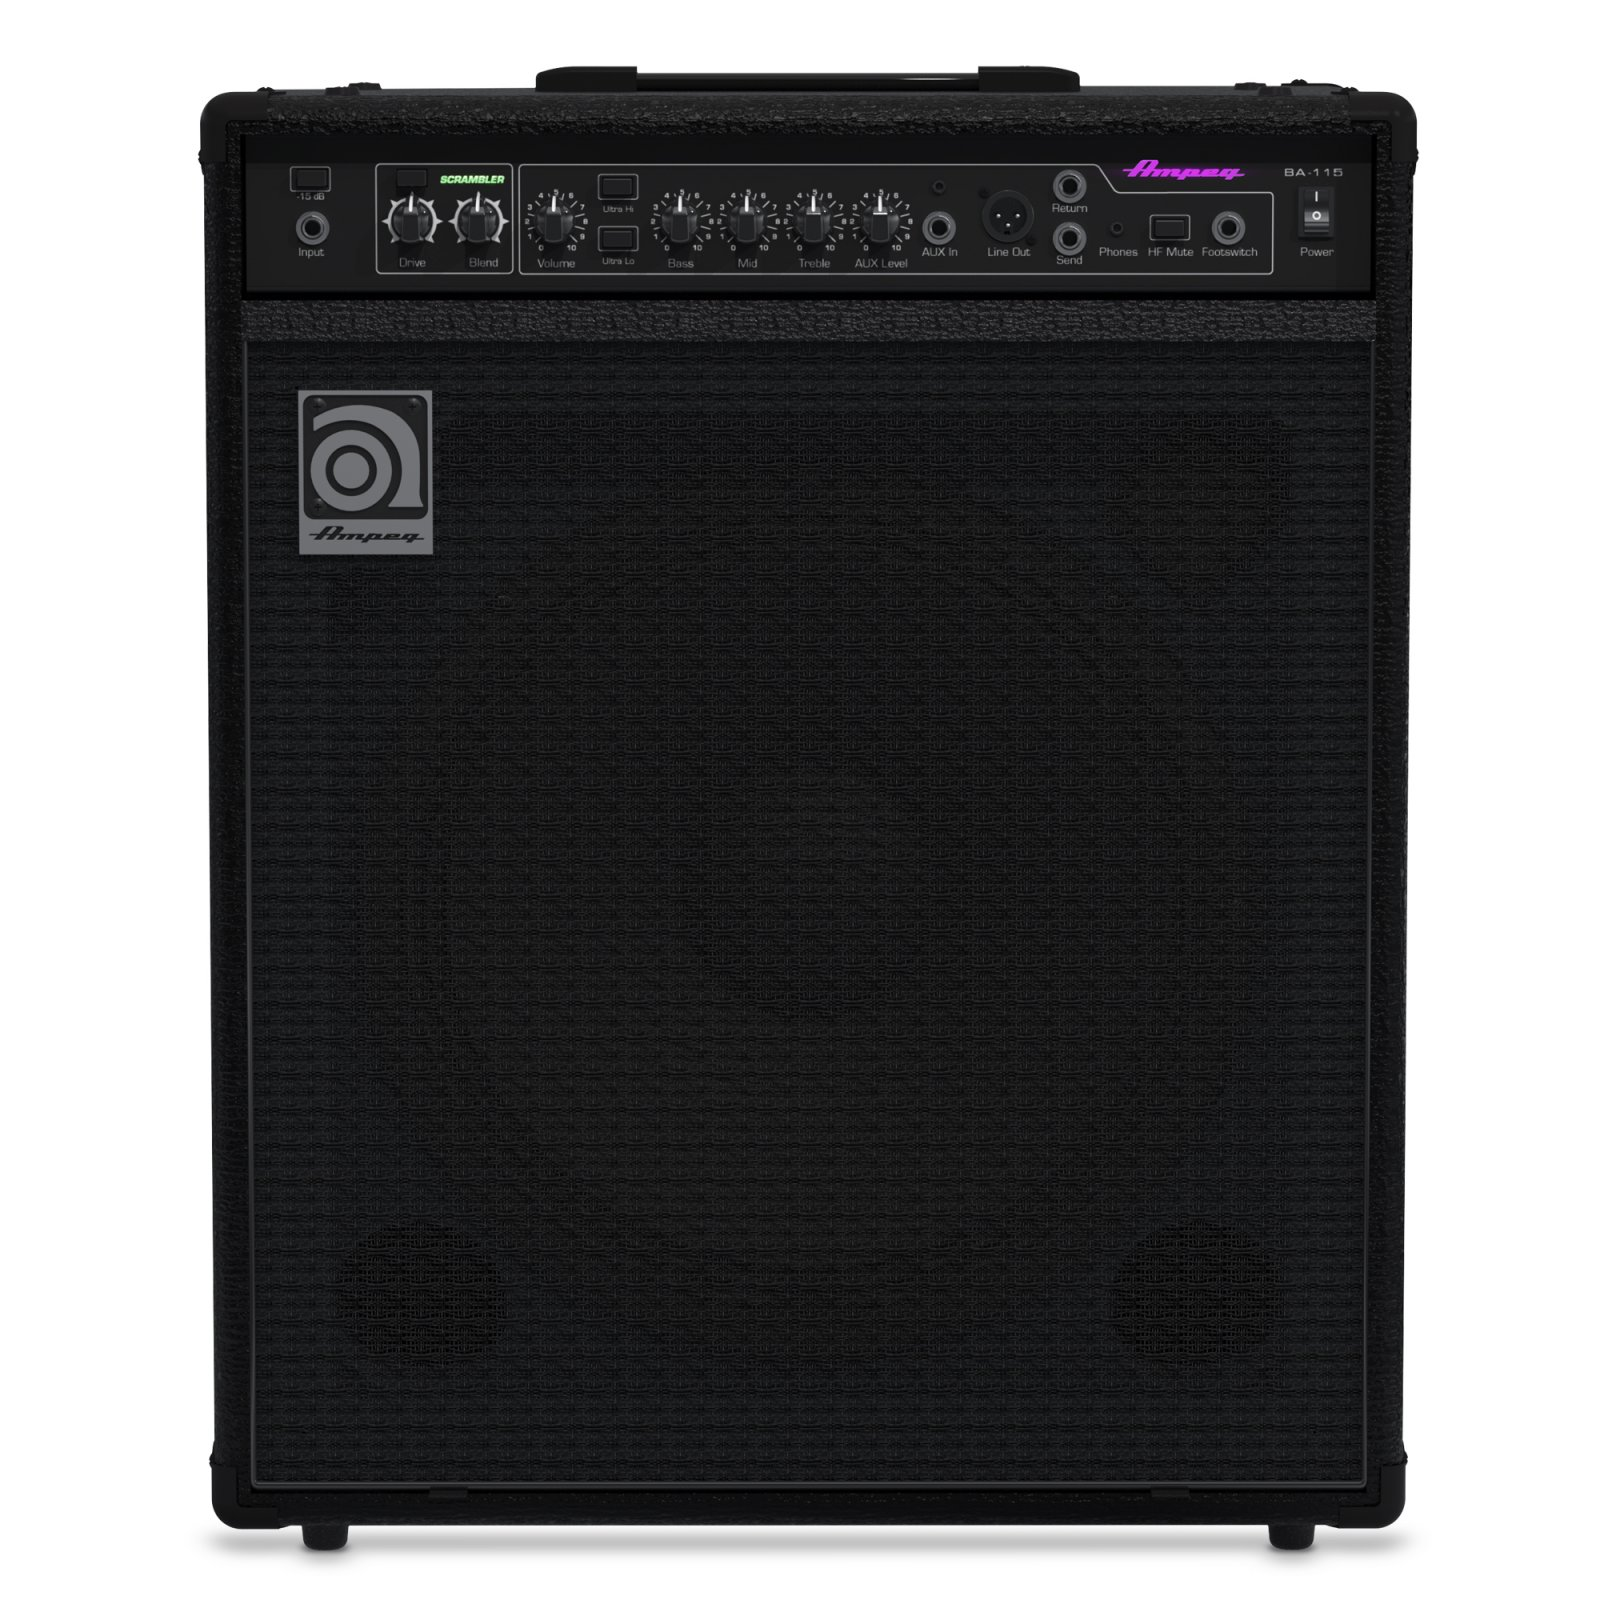 Ampeg BA-115v2 1x15 150-Watt Bass Combo Amplifier